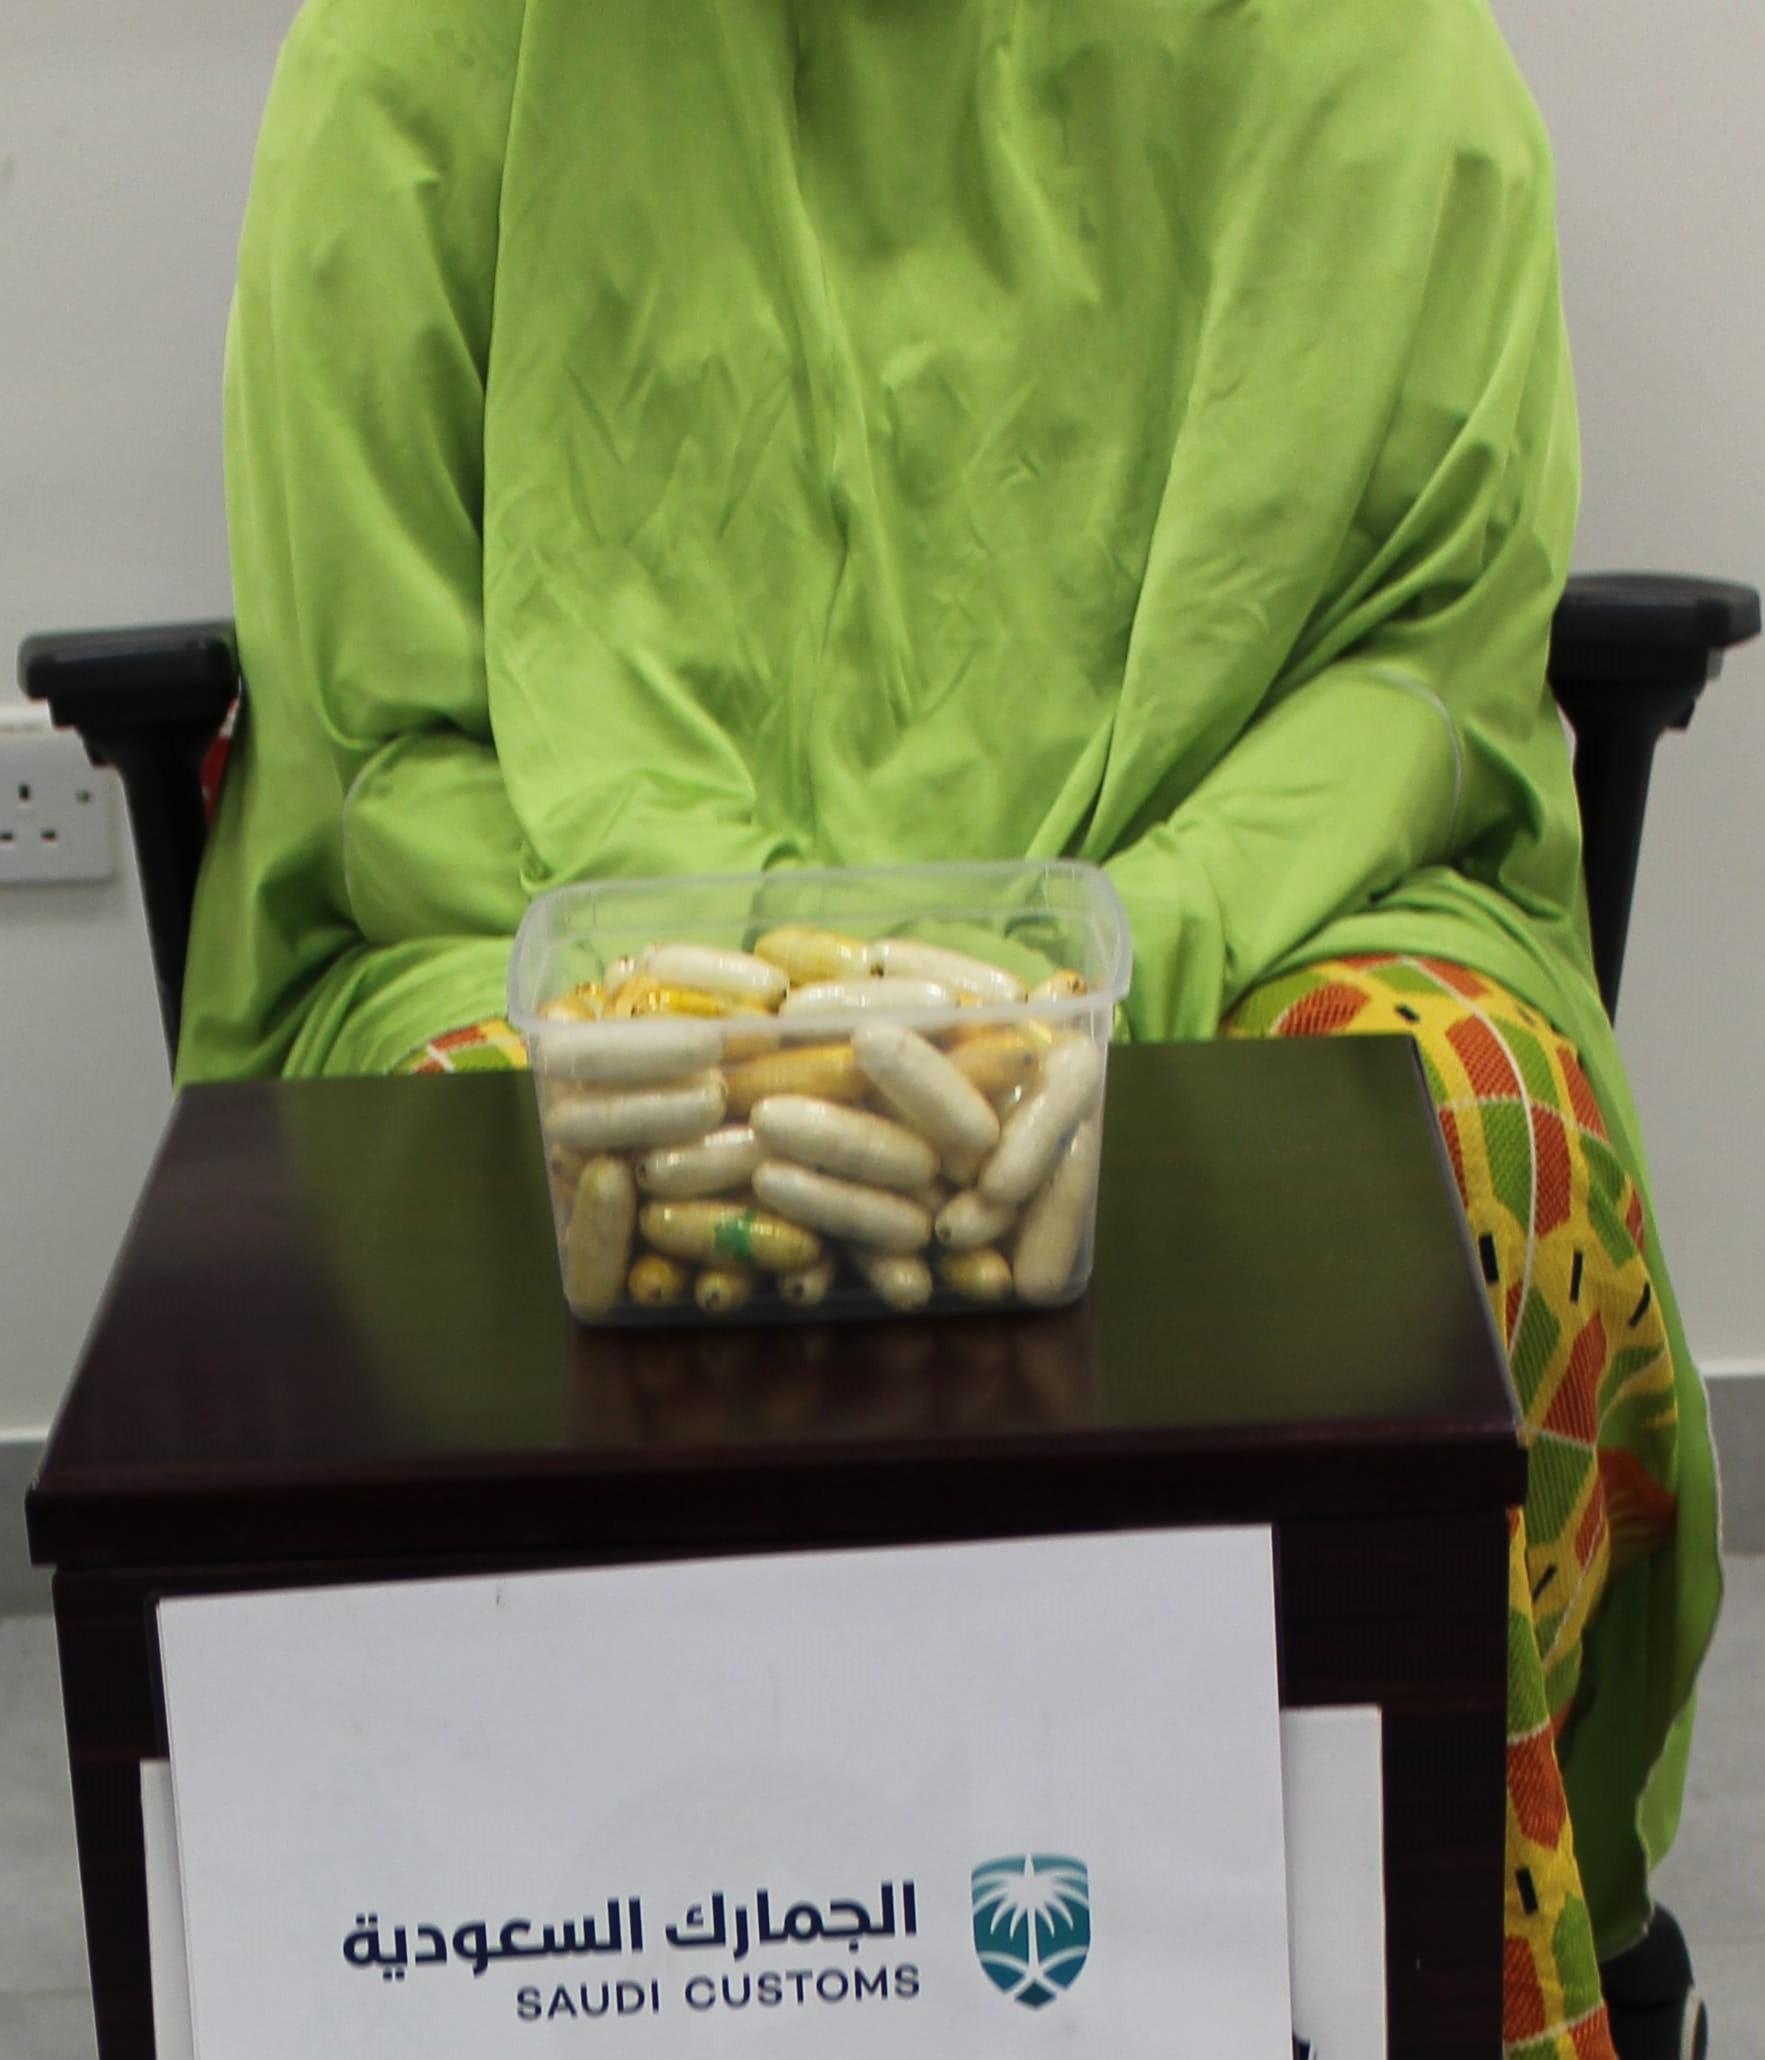 جمرك مطار الأمير محمد بن عبدالعزيز يُحبط تهريب كمية من الكوكايين